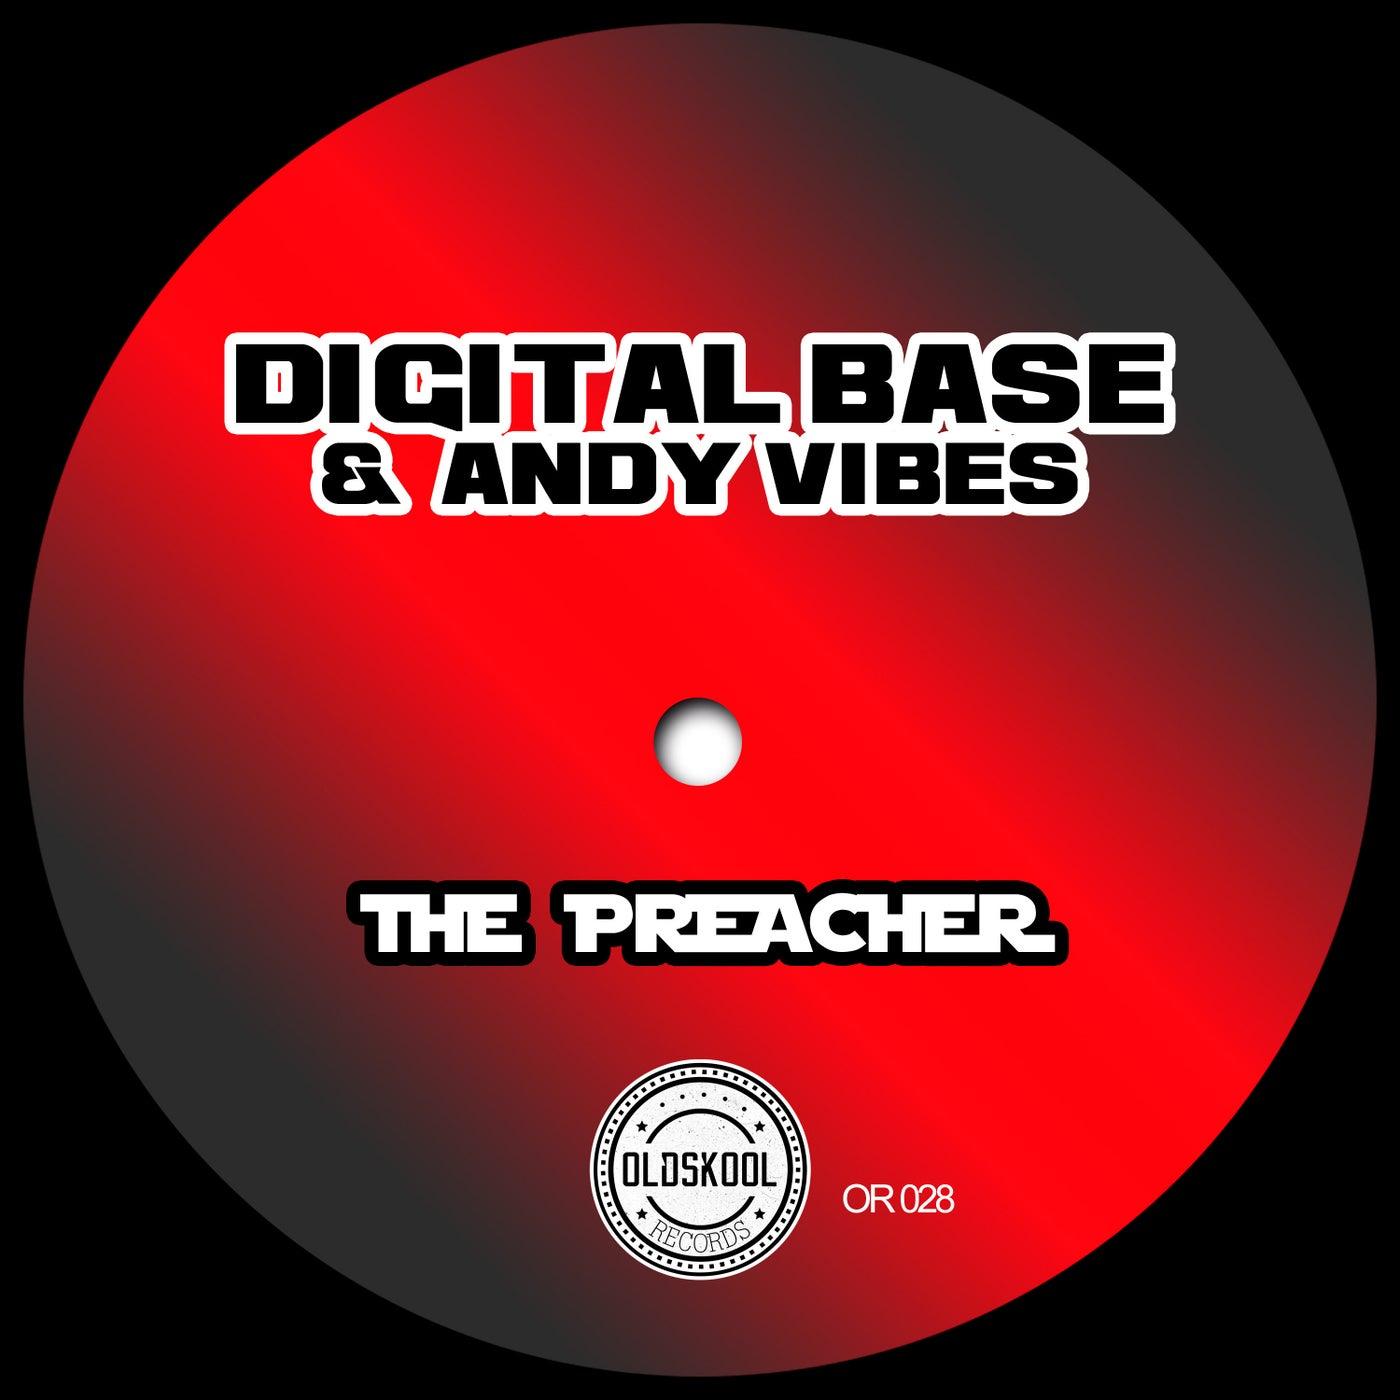 The Preacher (Original Mix)